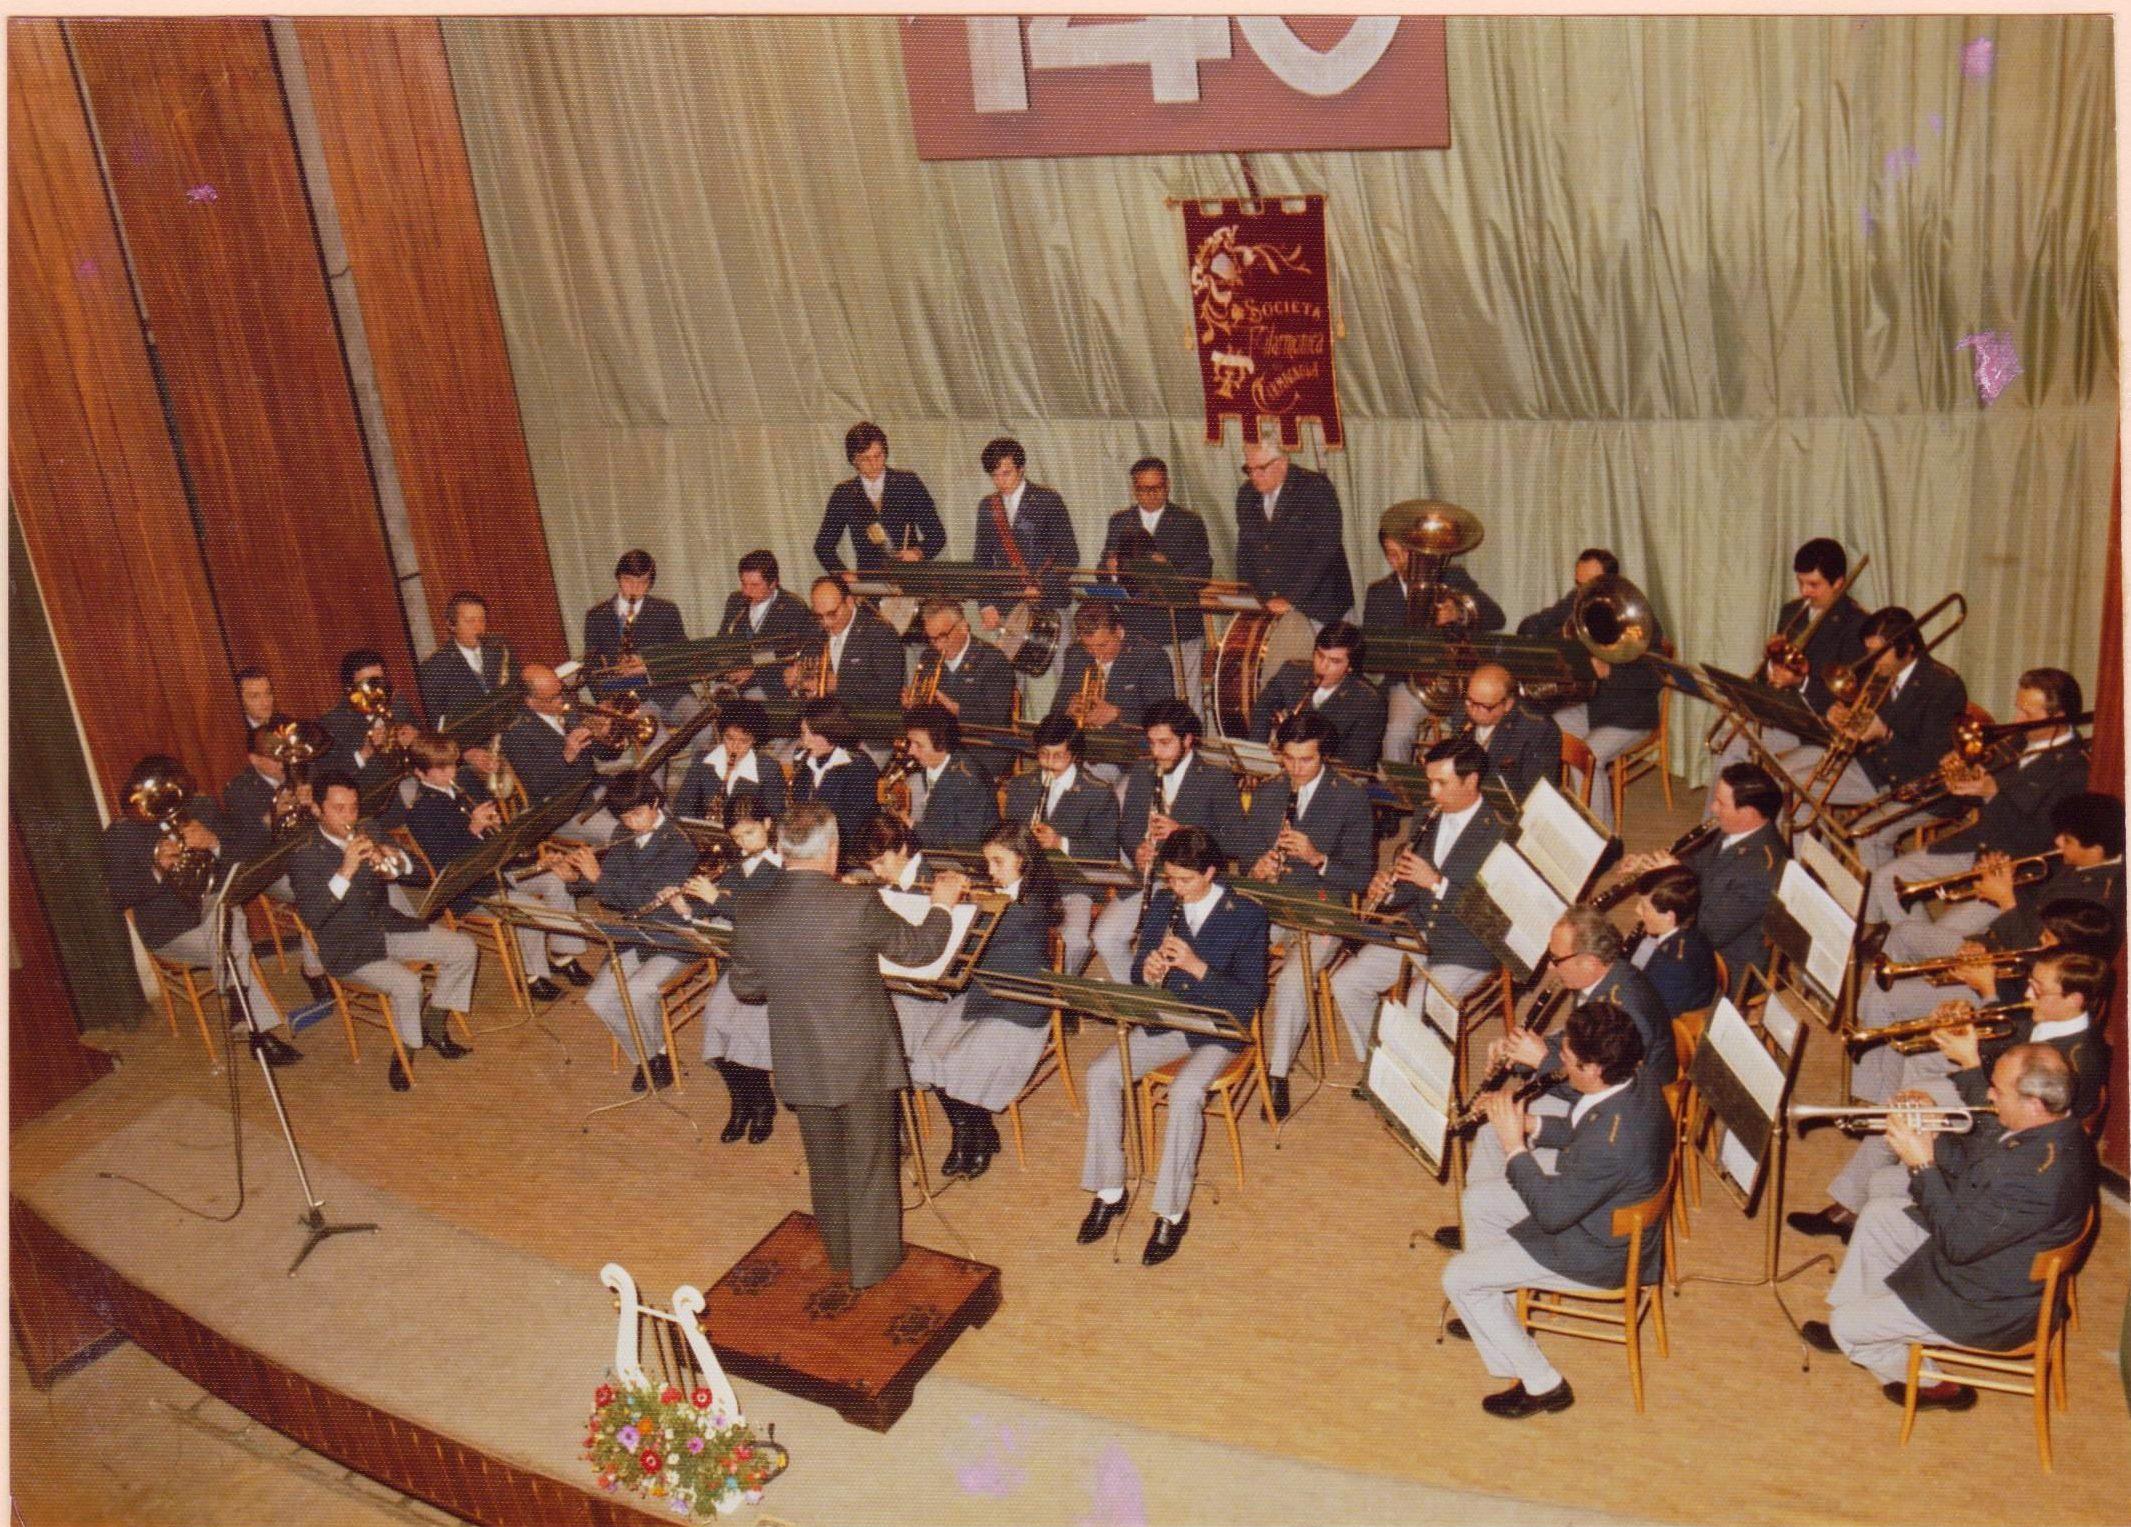 Concerto di Santa Cecilia per i 140 anni dalla fondazione